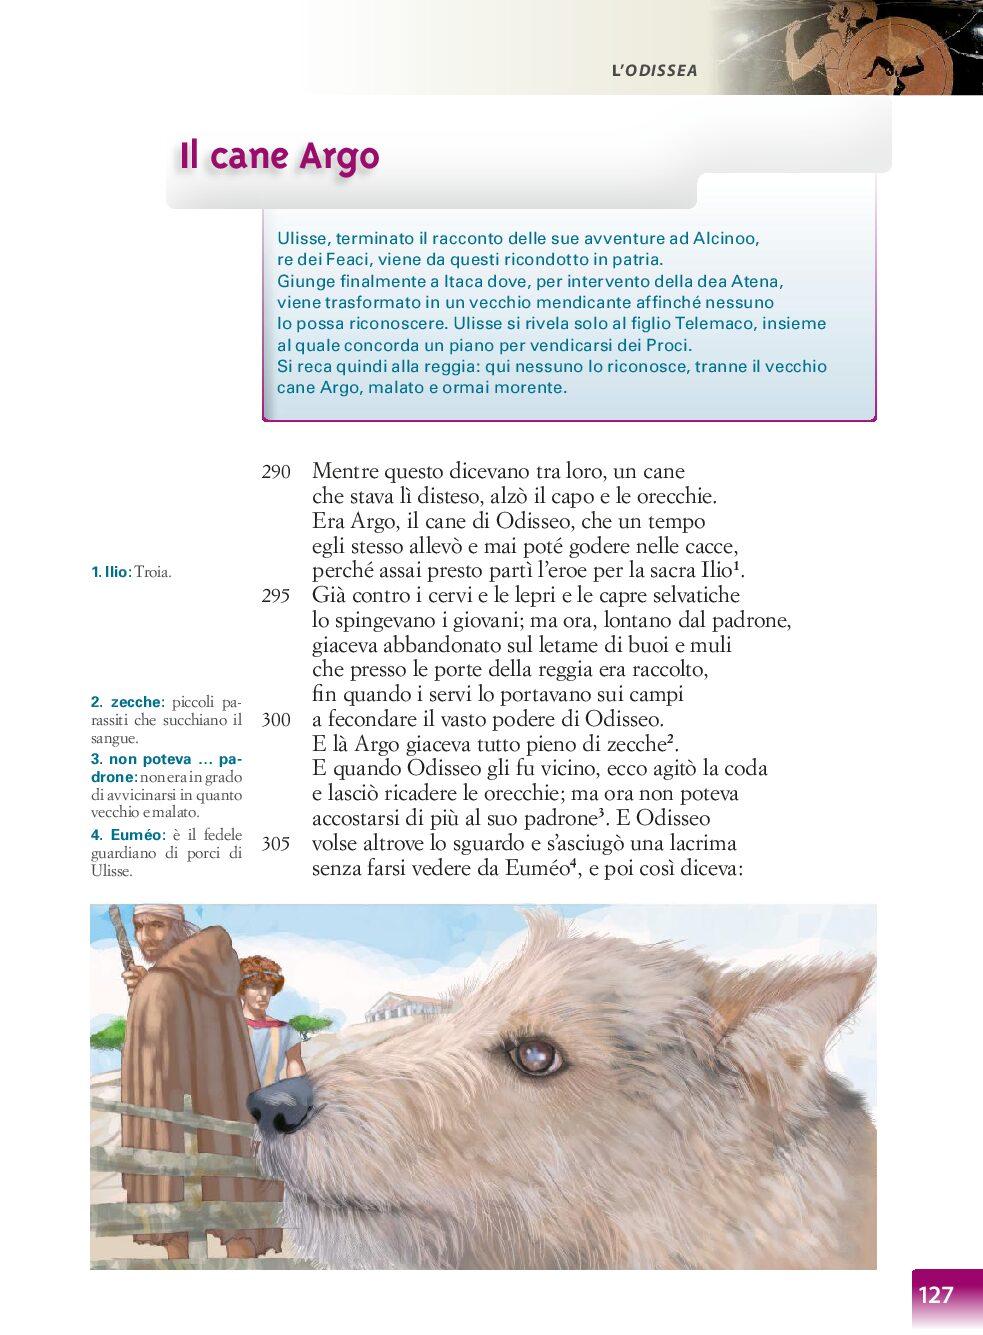 IL CANE ARGO ODISSEA